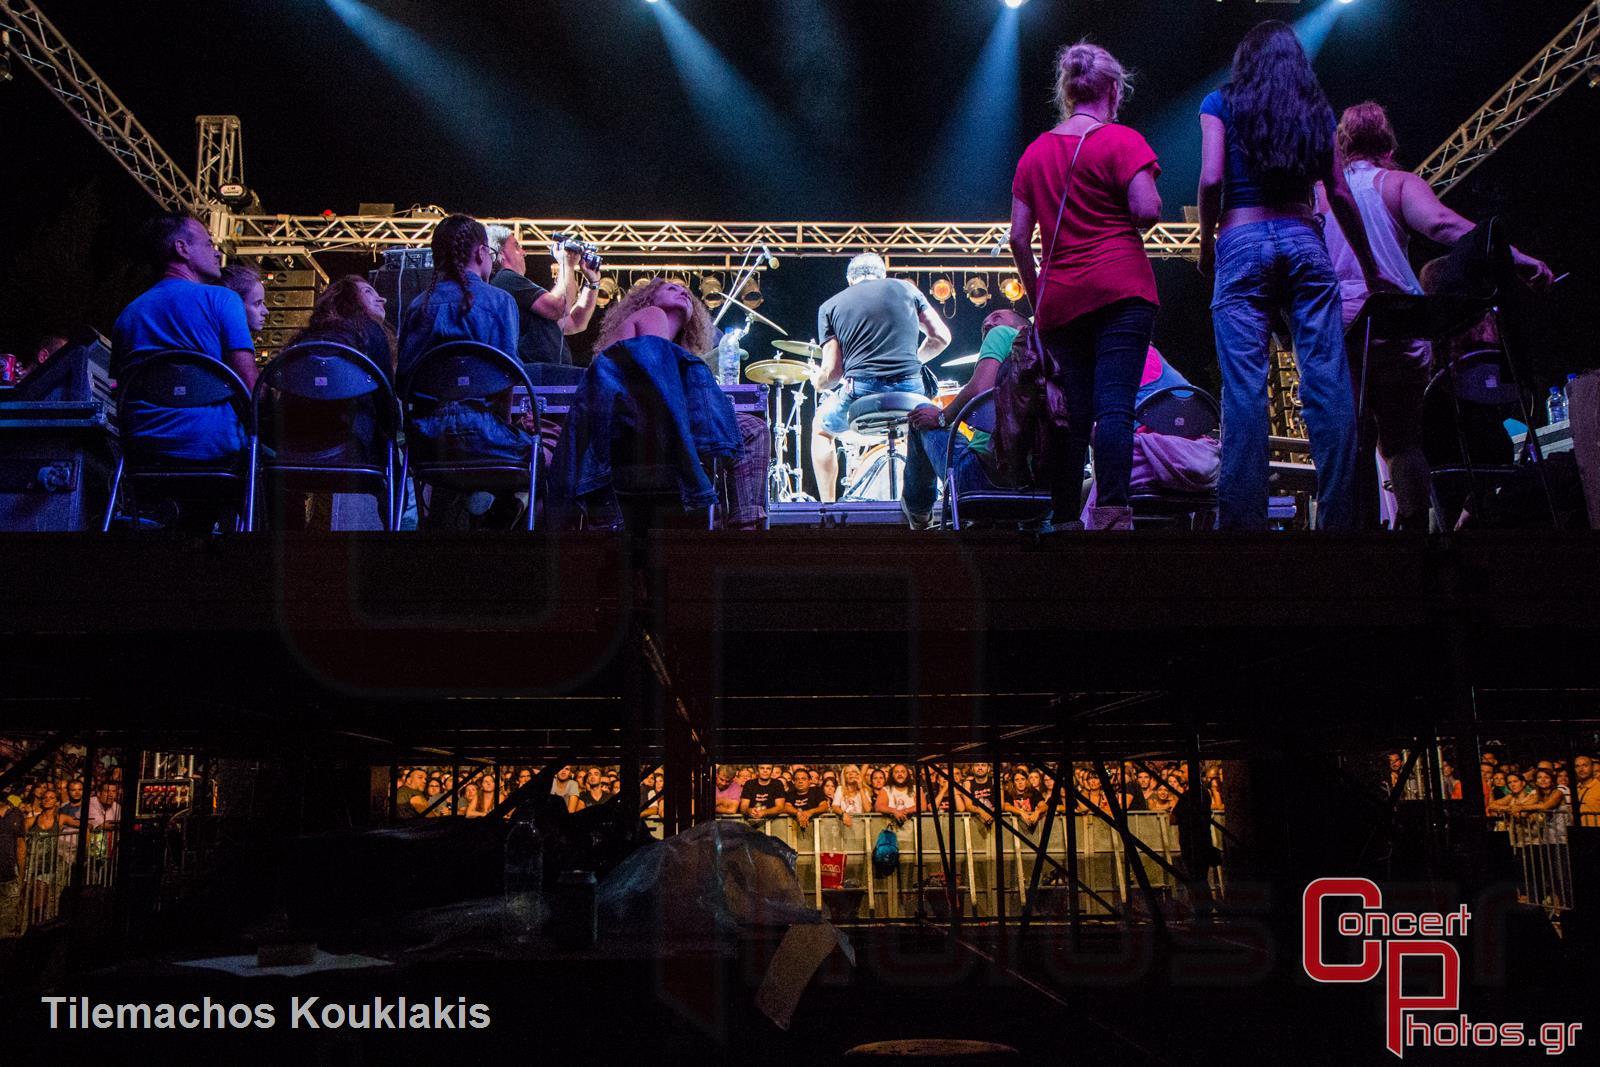 Βασίλης Παπακωνσταντίνου - 40 Χρόνια Έφηβος-Vasilis Papakonstantinou 40 Chronia Efivos photographer: Tilemachos Kouklakis - concertphotos_-4854